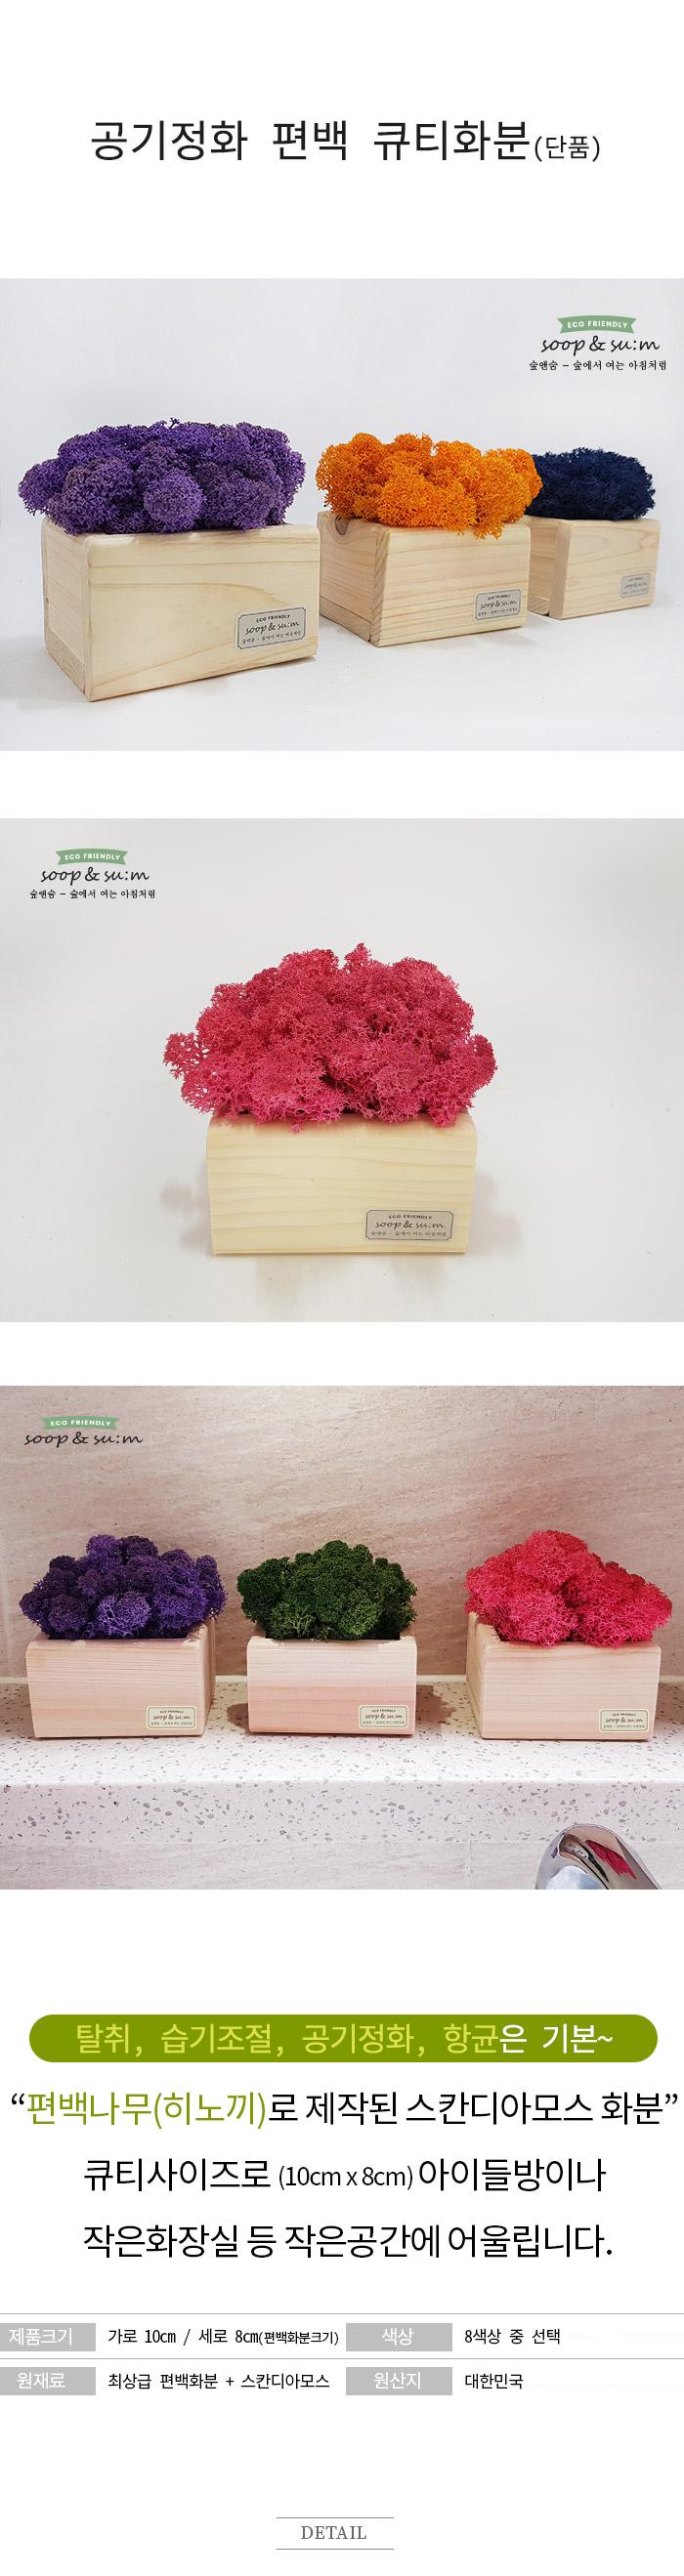 공기정화 편백 스칸디모스 큐티화분 - 클래식블루 - 숲앤숨, 12,510원, 조화, 화분세트